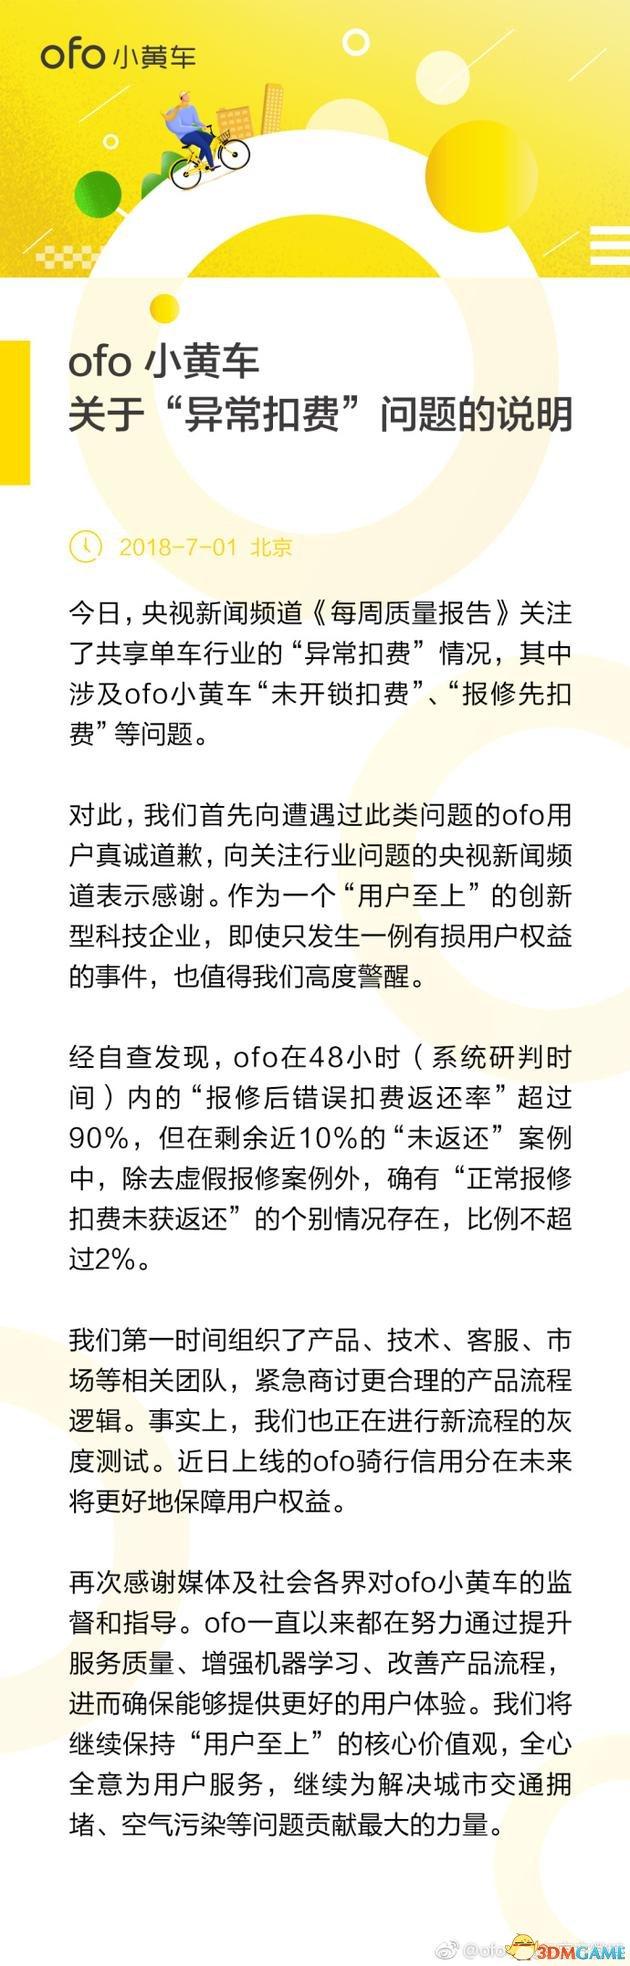 ofo回应异常扣费问题:确实有 但存在比例不超2%